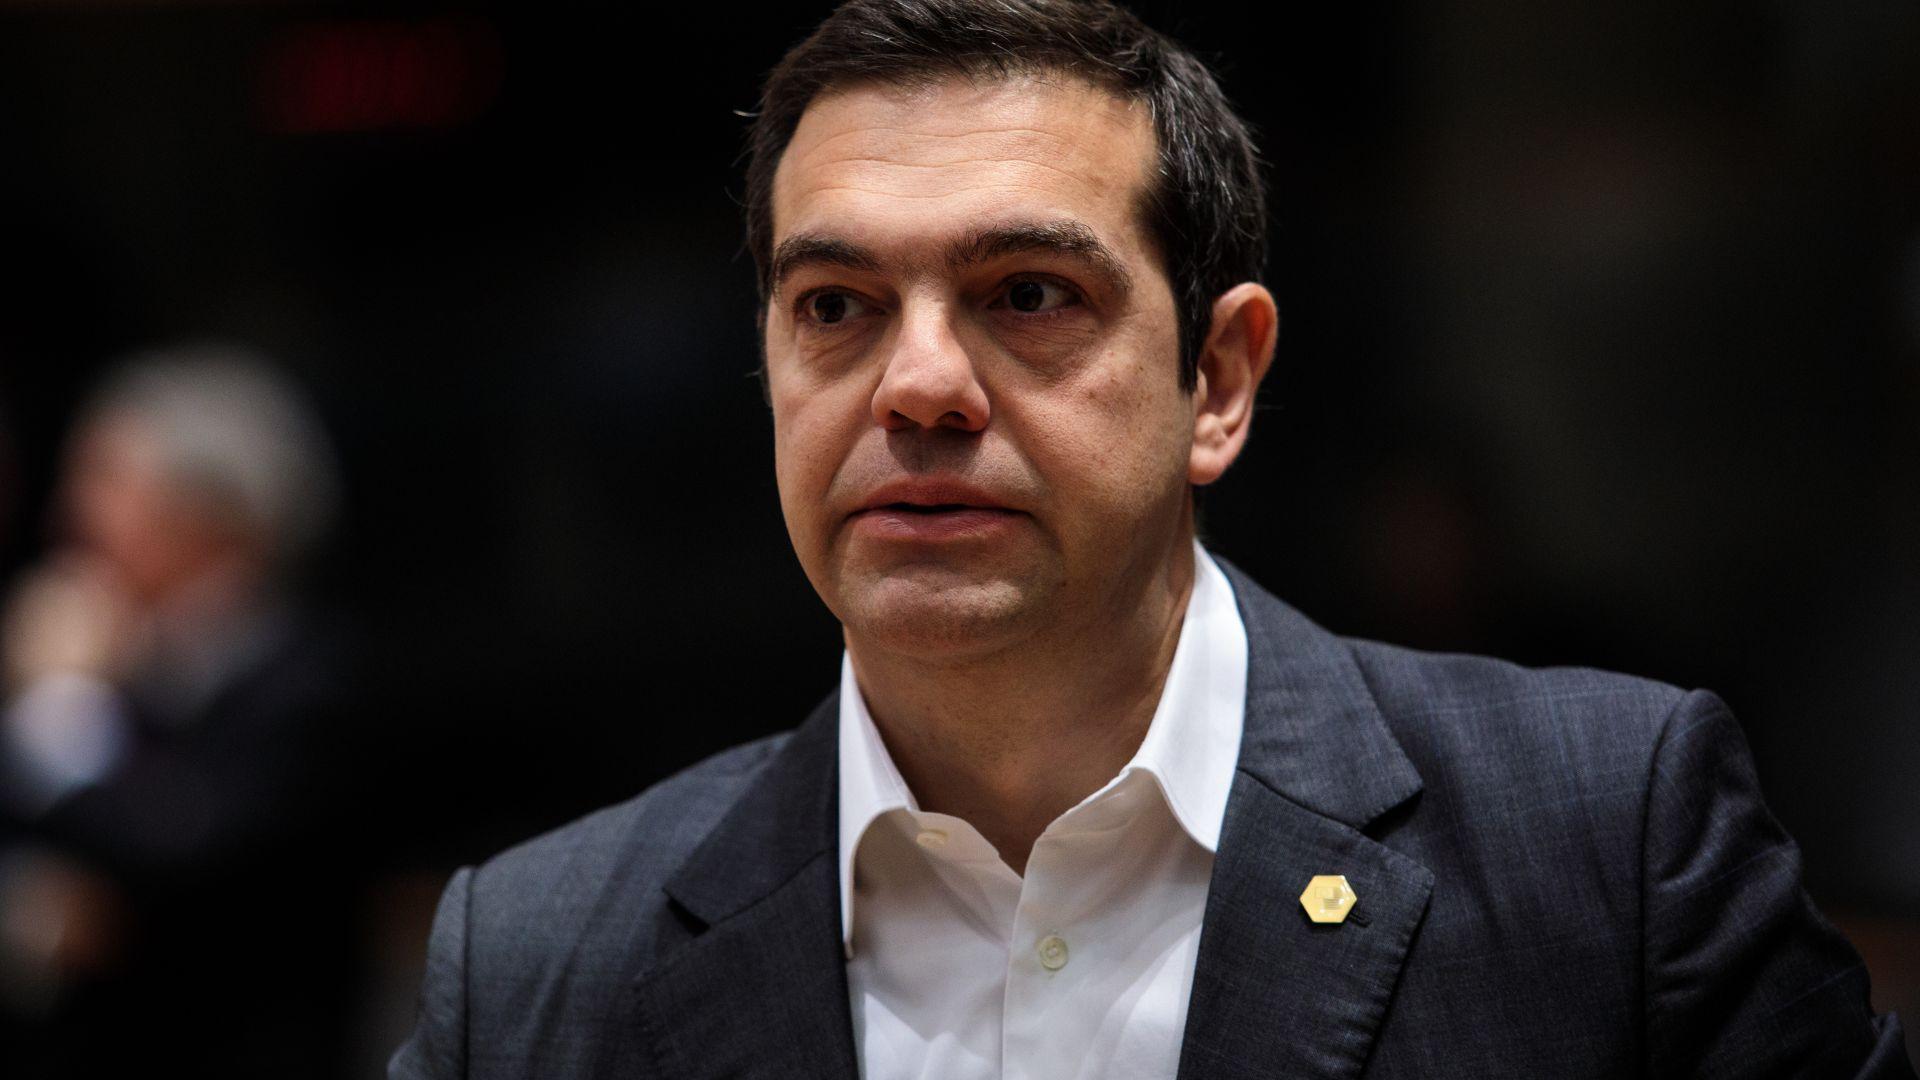 Гръцкият премиер Алексис Ципрас обяви, че страната му ще гласува